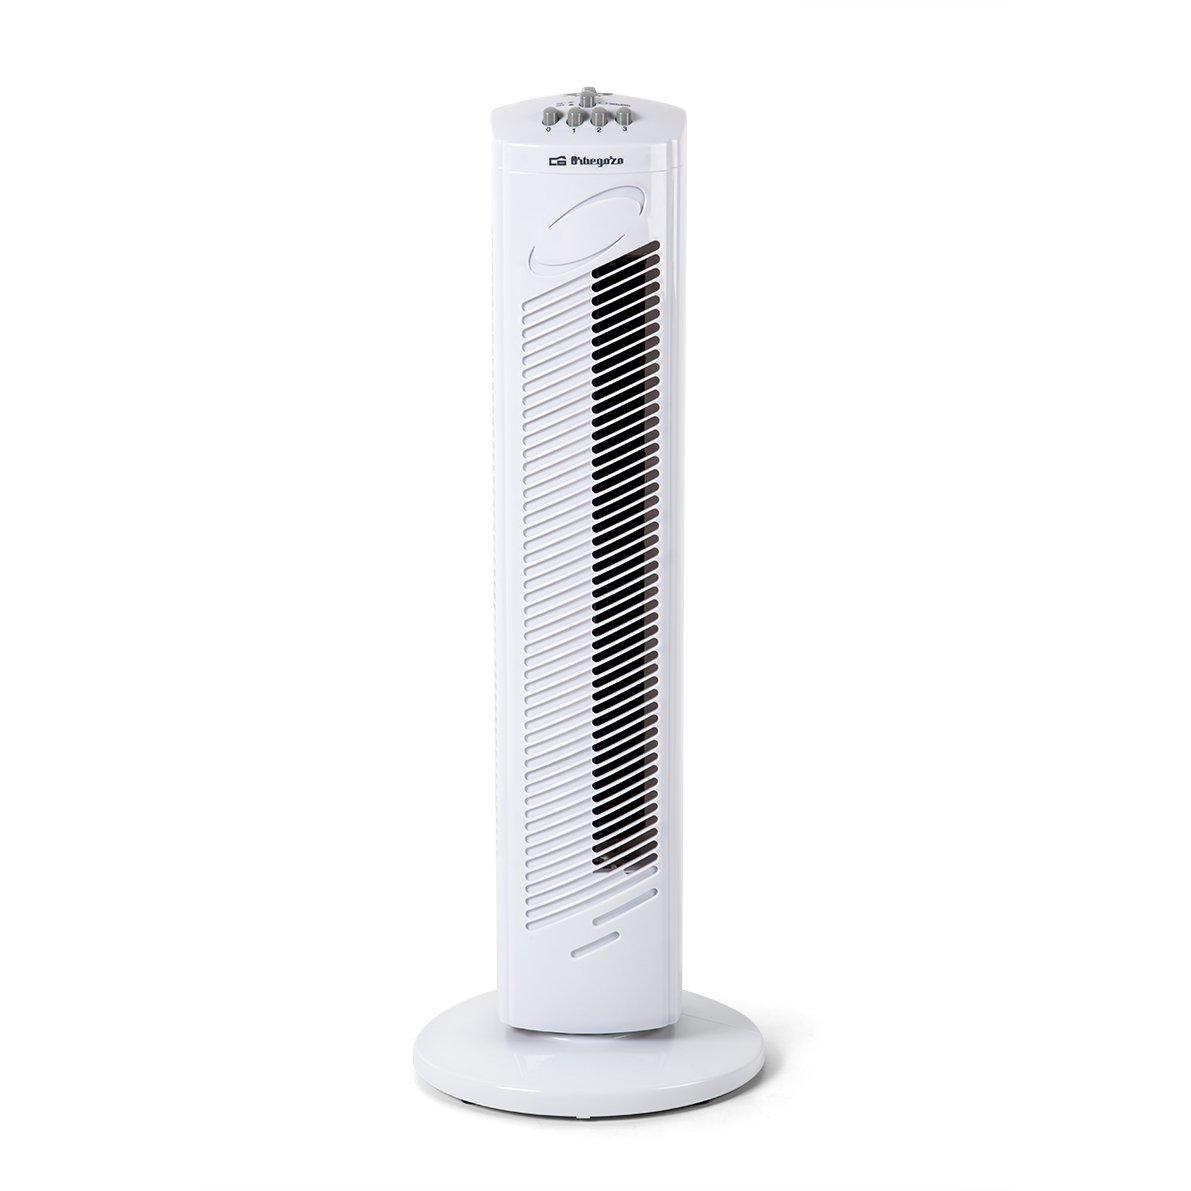 Orbegozo TW 0745 Ventilador de torre oscilante, 3 velocidadesfunción temporizador, silencioso, asa de transporte, 45 ...